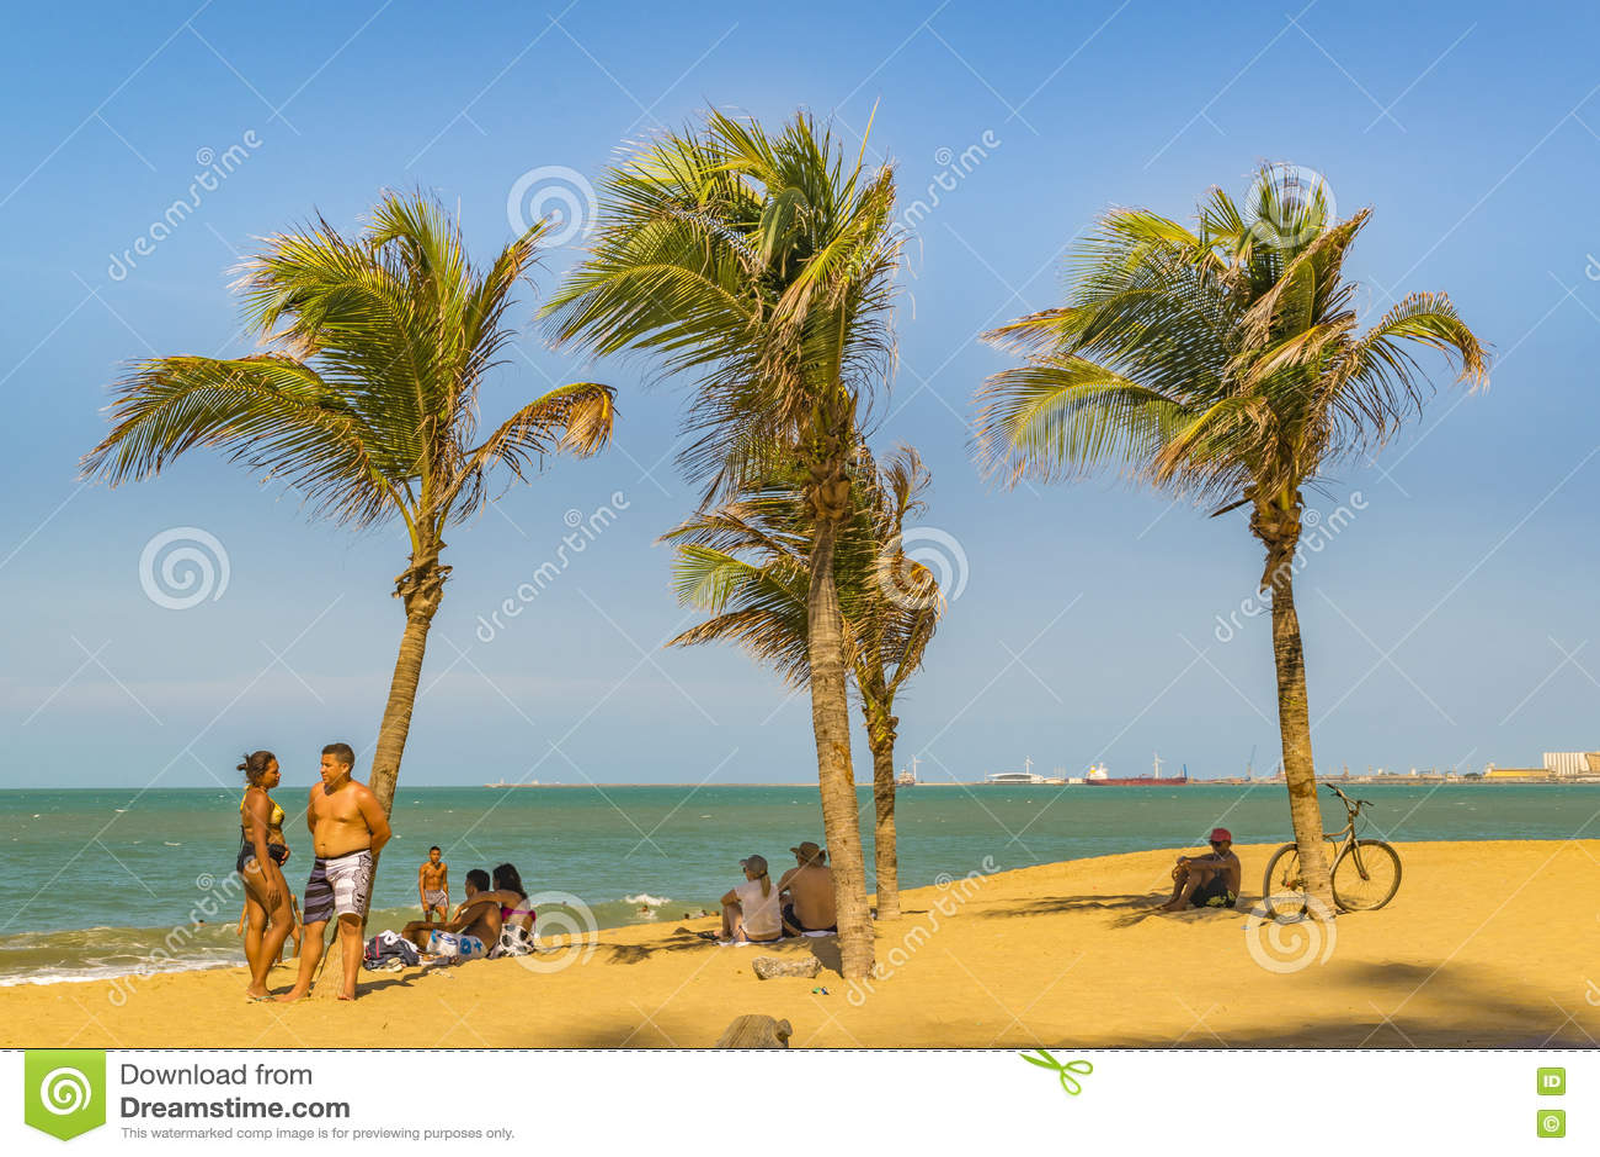 Plaża Fortaleza Brazylia